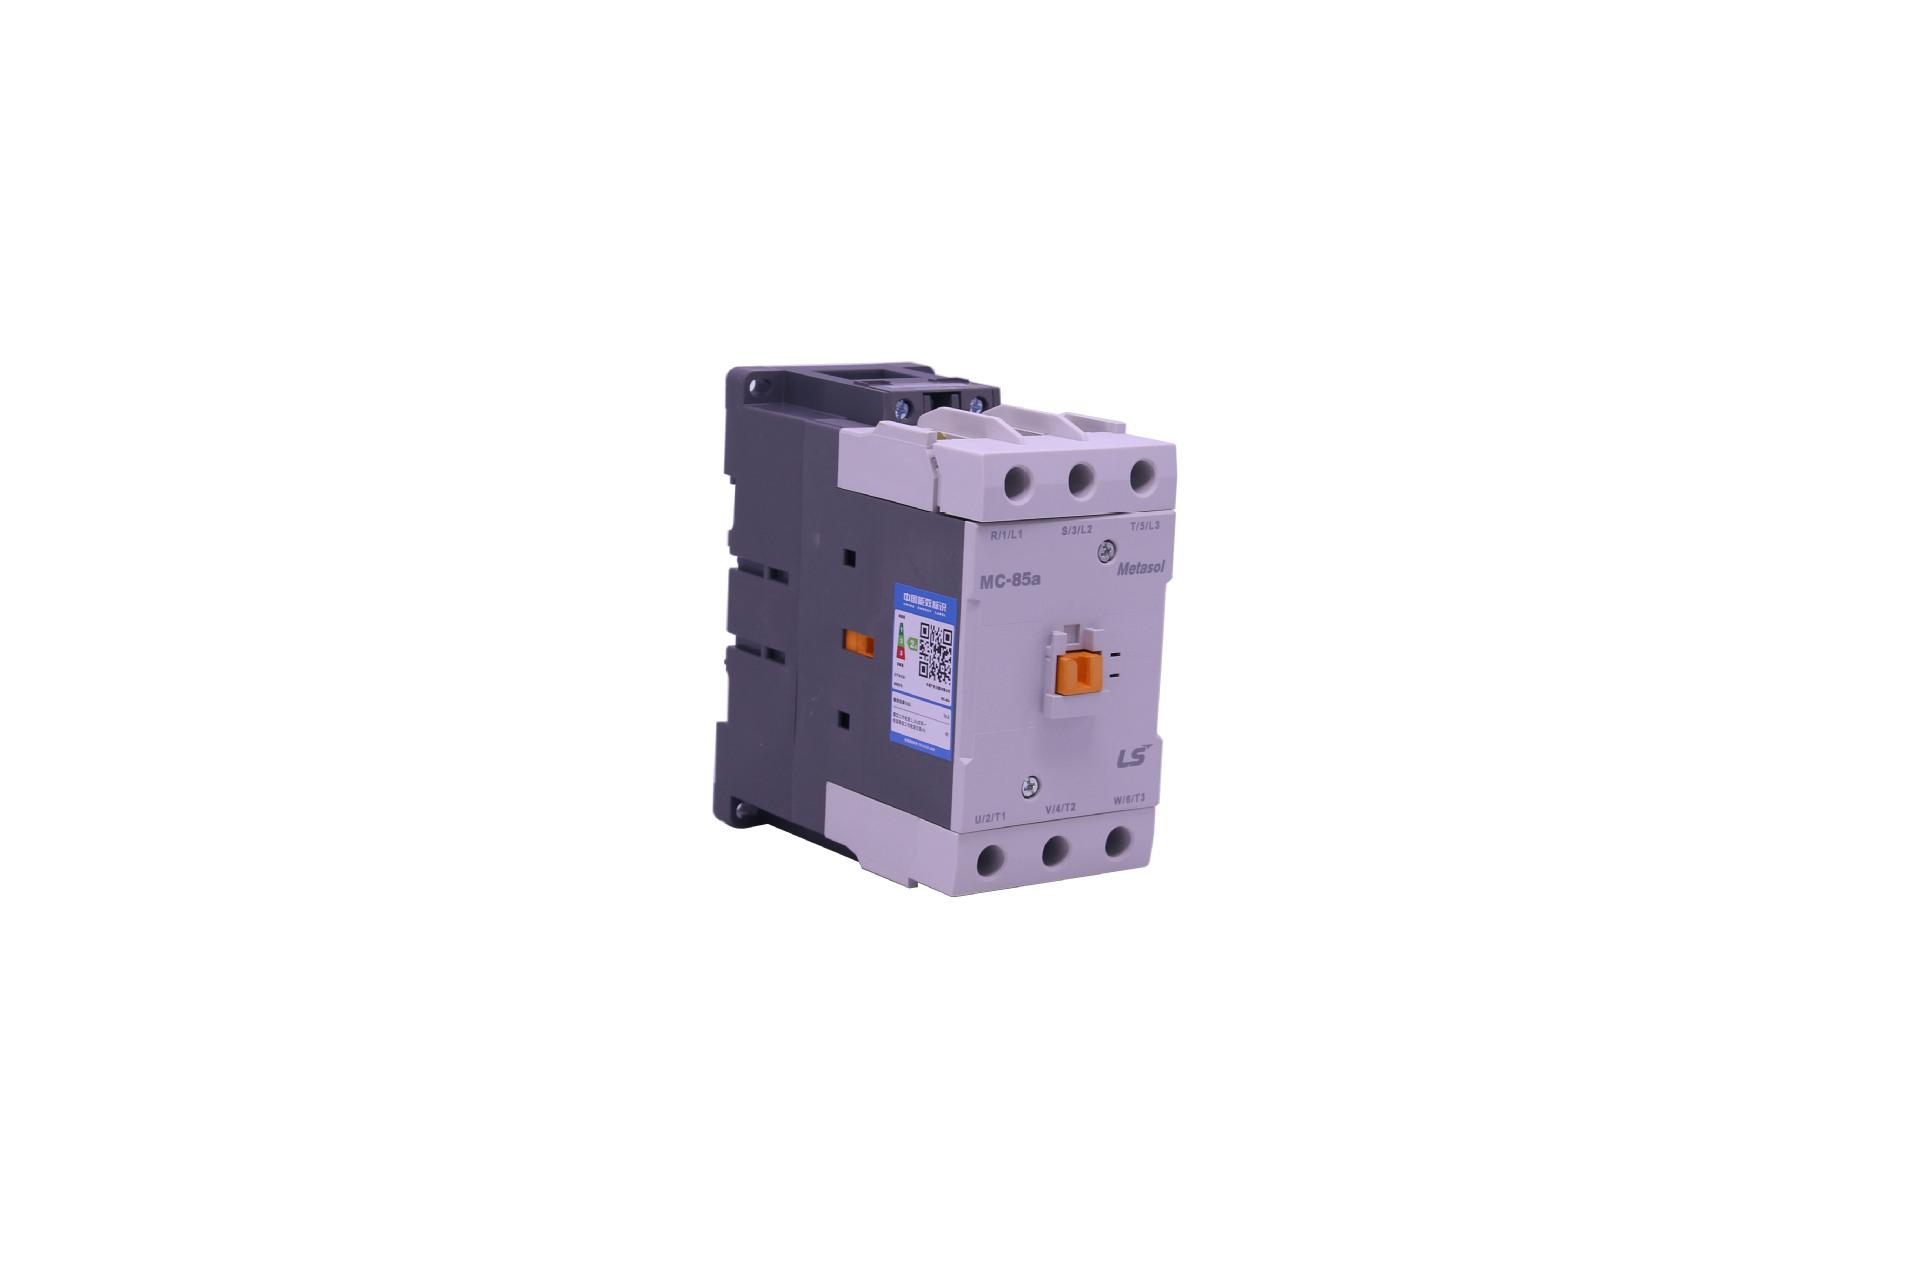 LS contactor AC thế hệ tiếp điểm GMC-85 model thay thế MC-85a AC220V